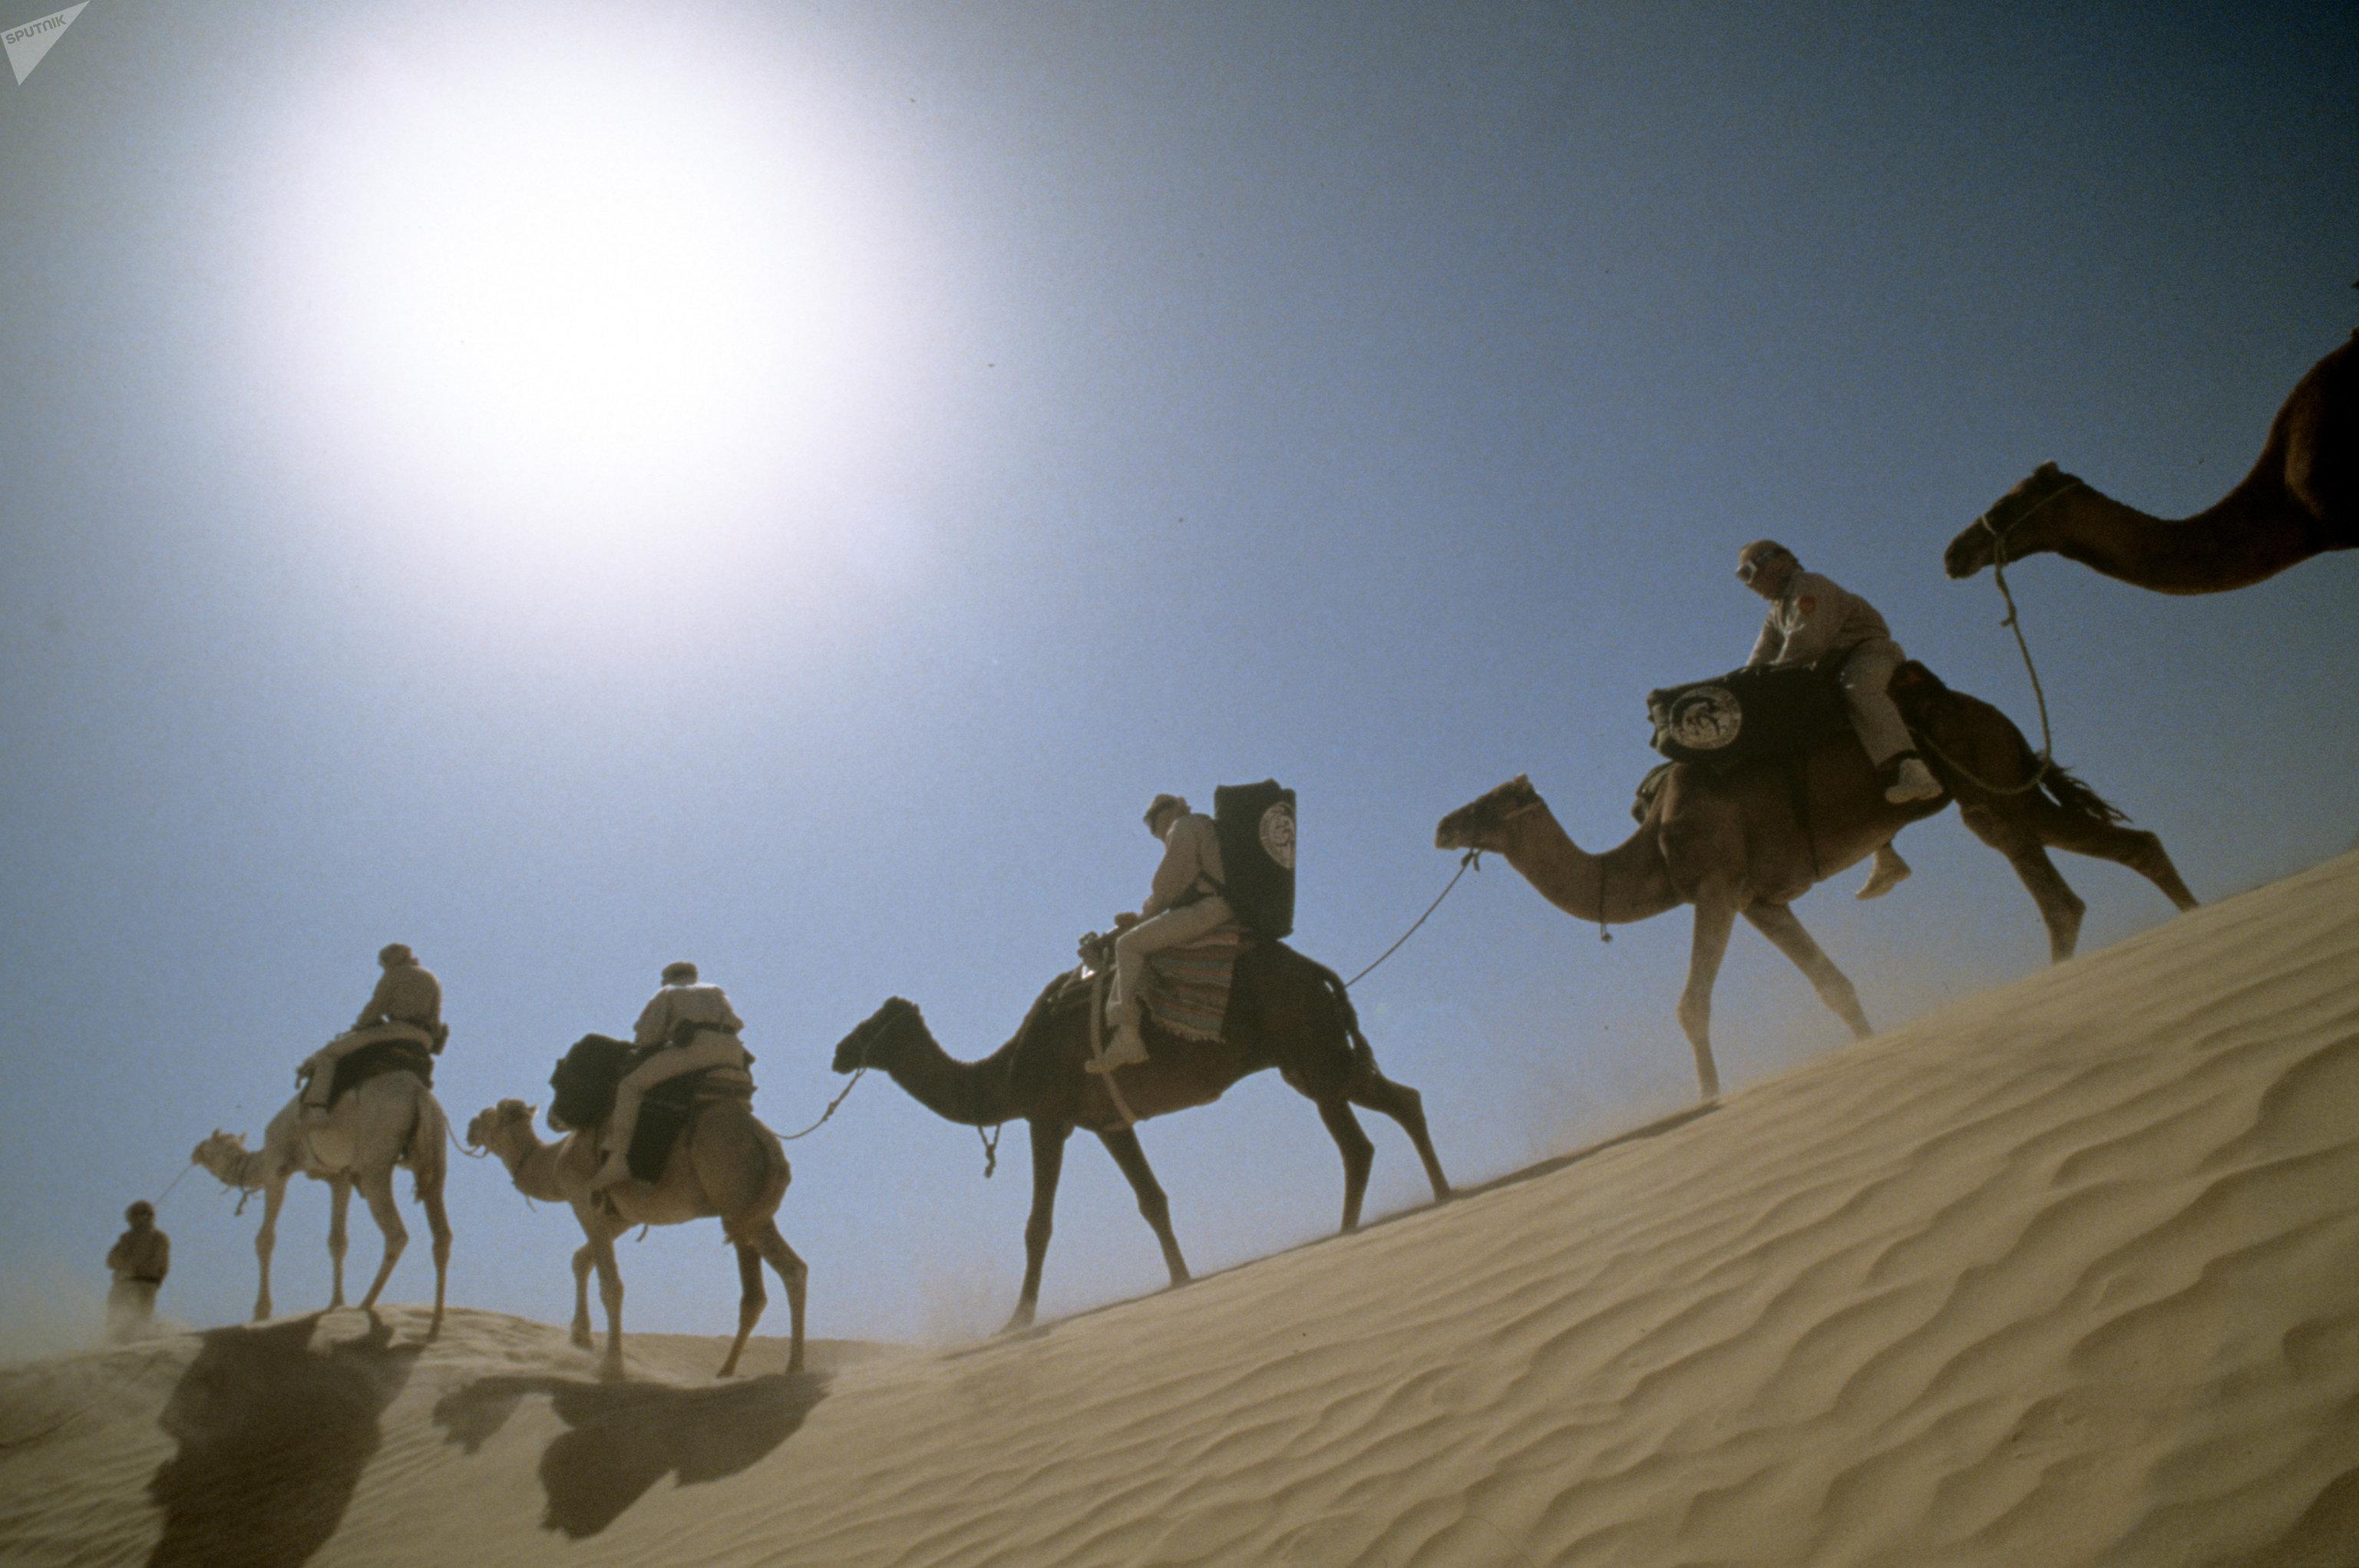 Экспедиция путешественника Яцека Палкевича в Сахару, архивное фото